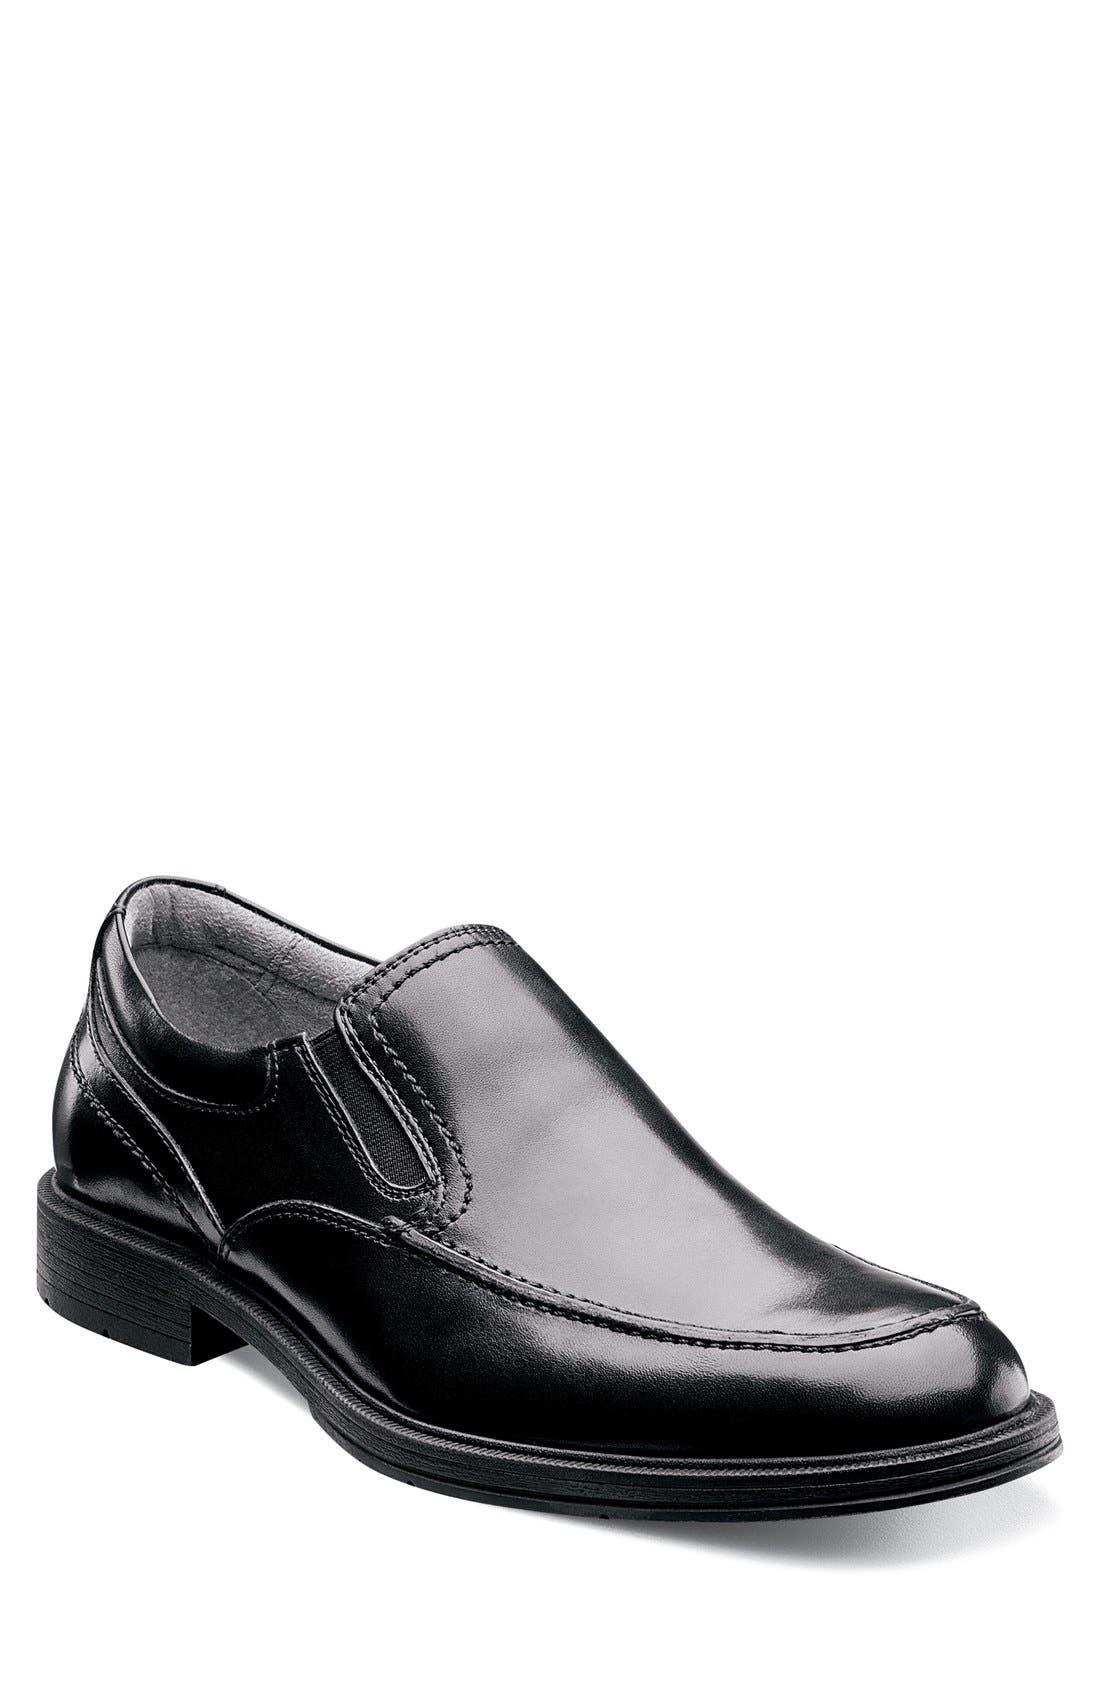 FLORSHEIM 'Mogul' Venetian Loafer